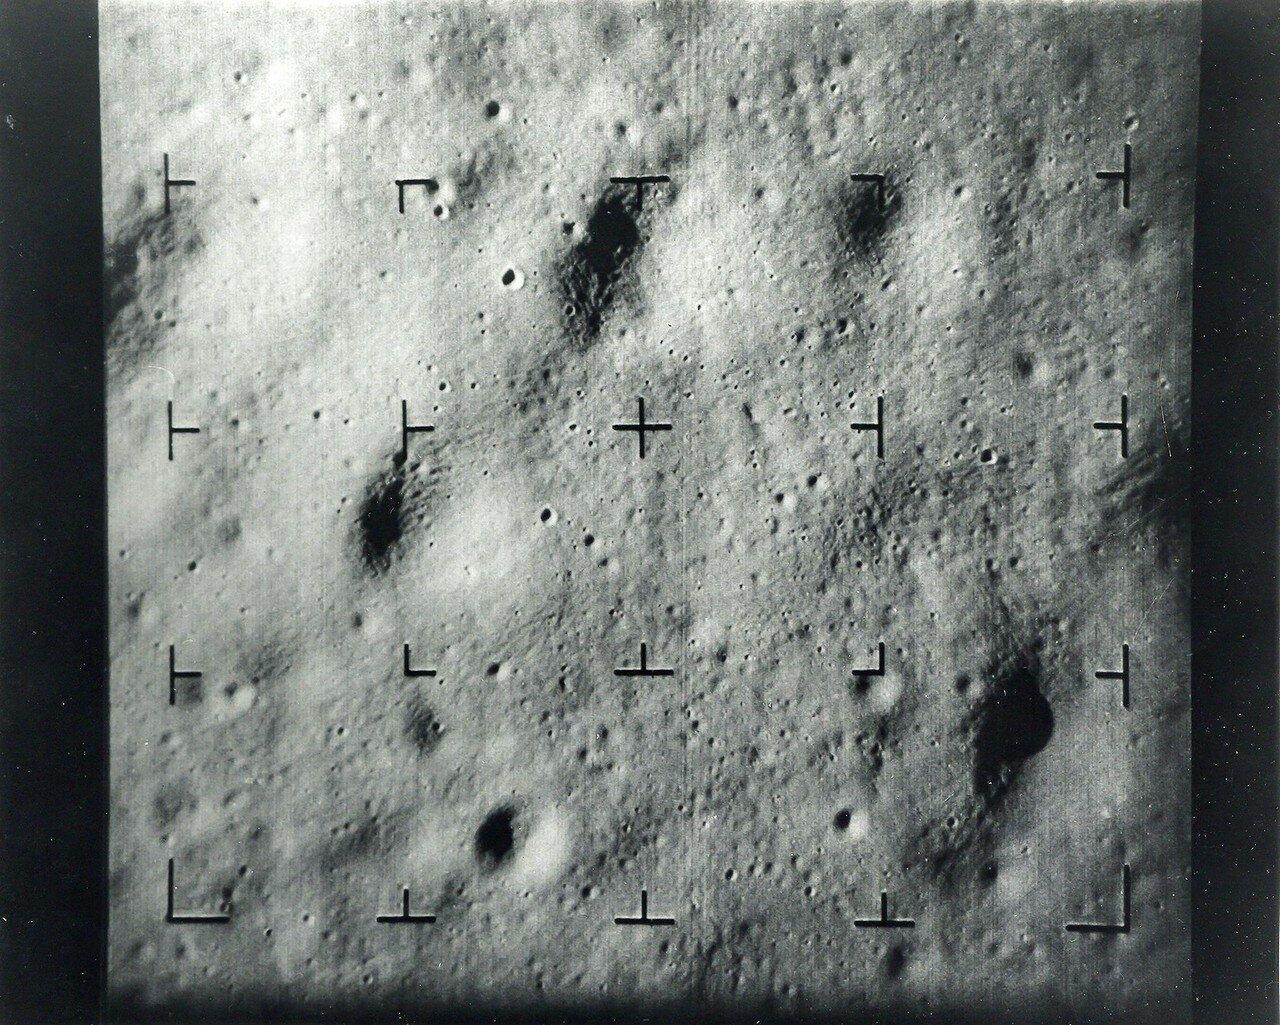 1965, март. Рейнджер-9  — американская автоматическая межпланетная станция, запущенная 21 марта 1965 г. Целью полёта Рейнджера-9 было получение детальных фотографий лунной поверхности в последние минуты полёта перед жёсткой посадкой.Поверхность кратера Альфонса с высоты 4,5 миль за 3 секунд до столкновение с Луной